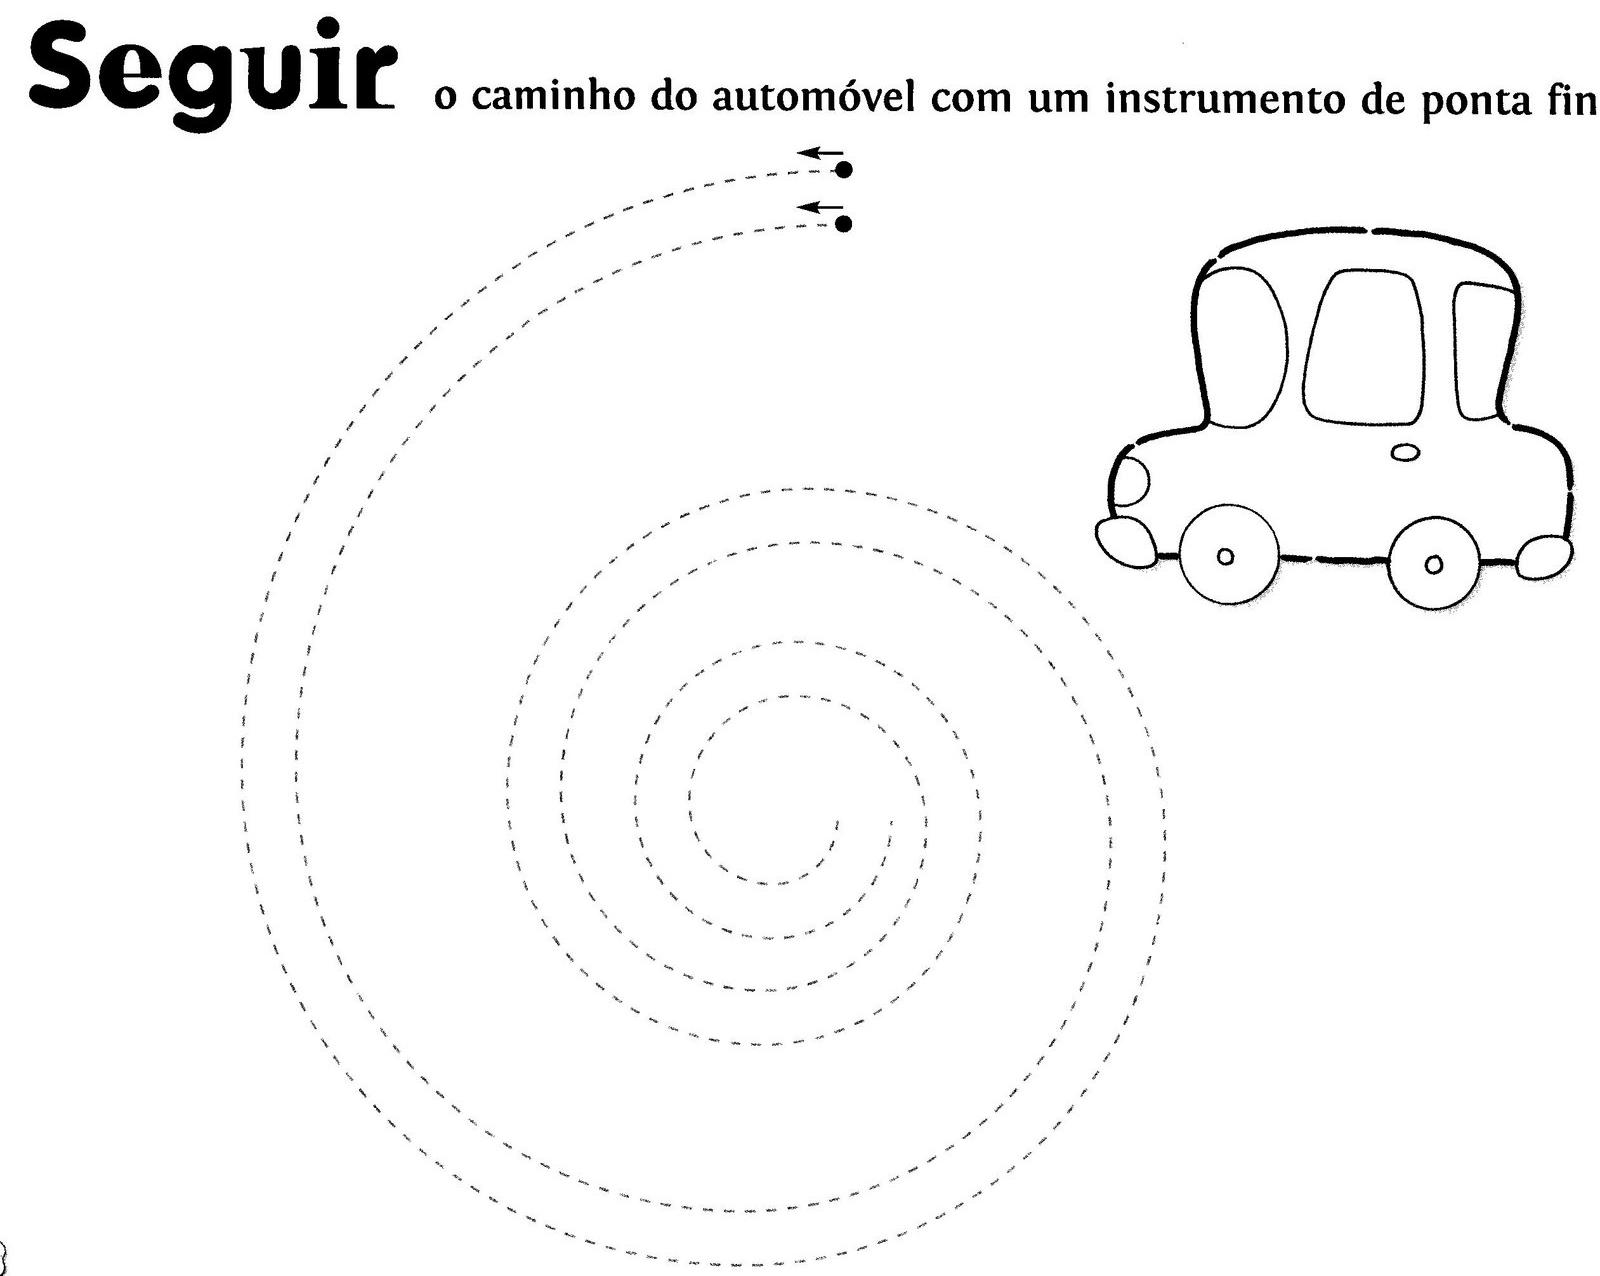 Top Construir e Incluir: ATIVIDADES PARA DESENVOLVER COORDENAÇÃO MOTORA WW65